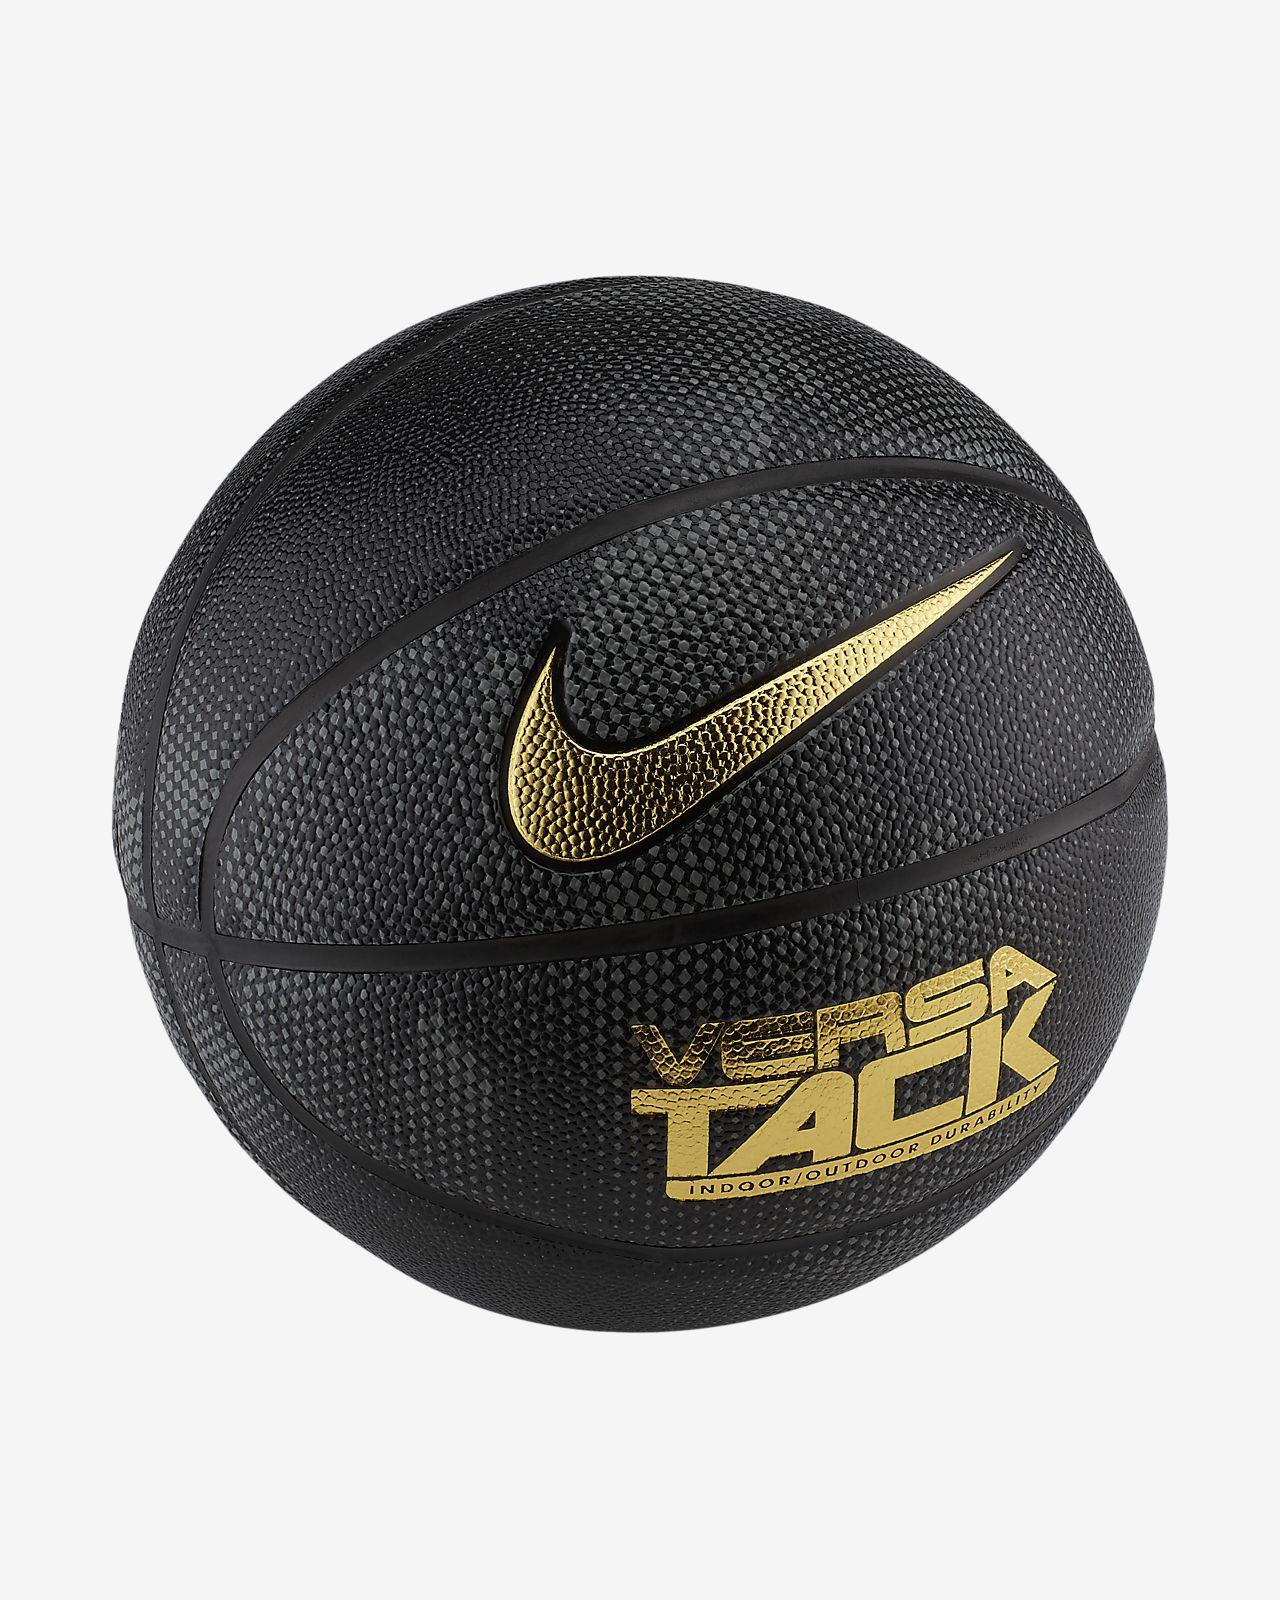 Nike Versa Tack 8P Pelota de baloncesto. Nike.com ES 1ddefca82708a